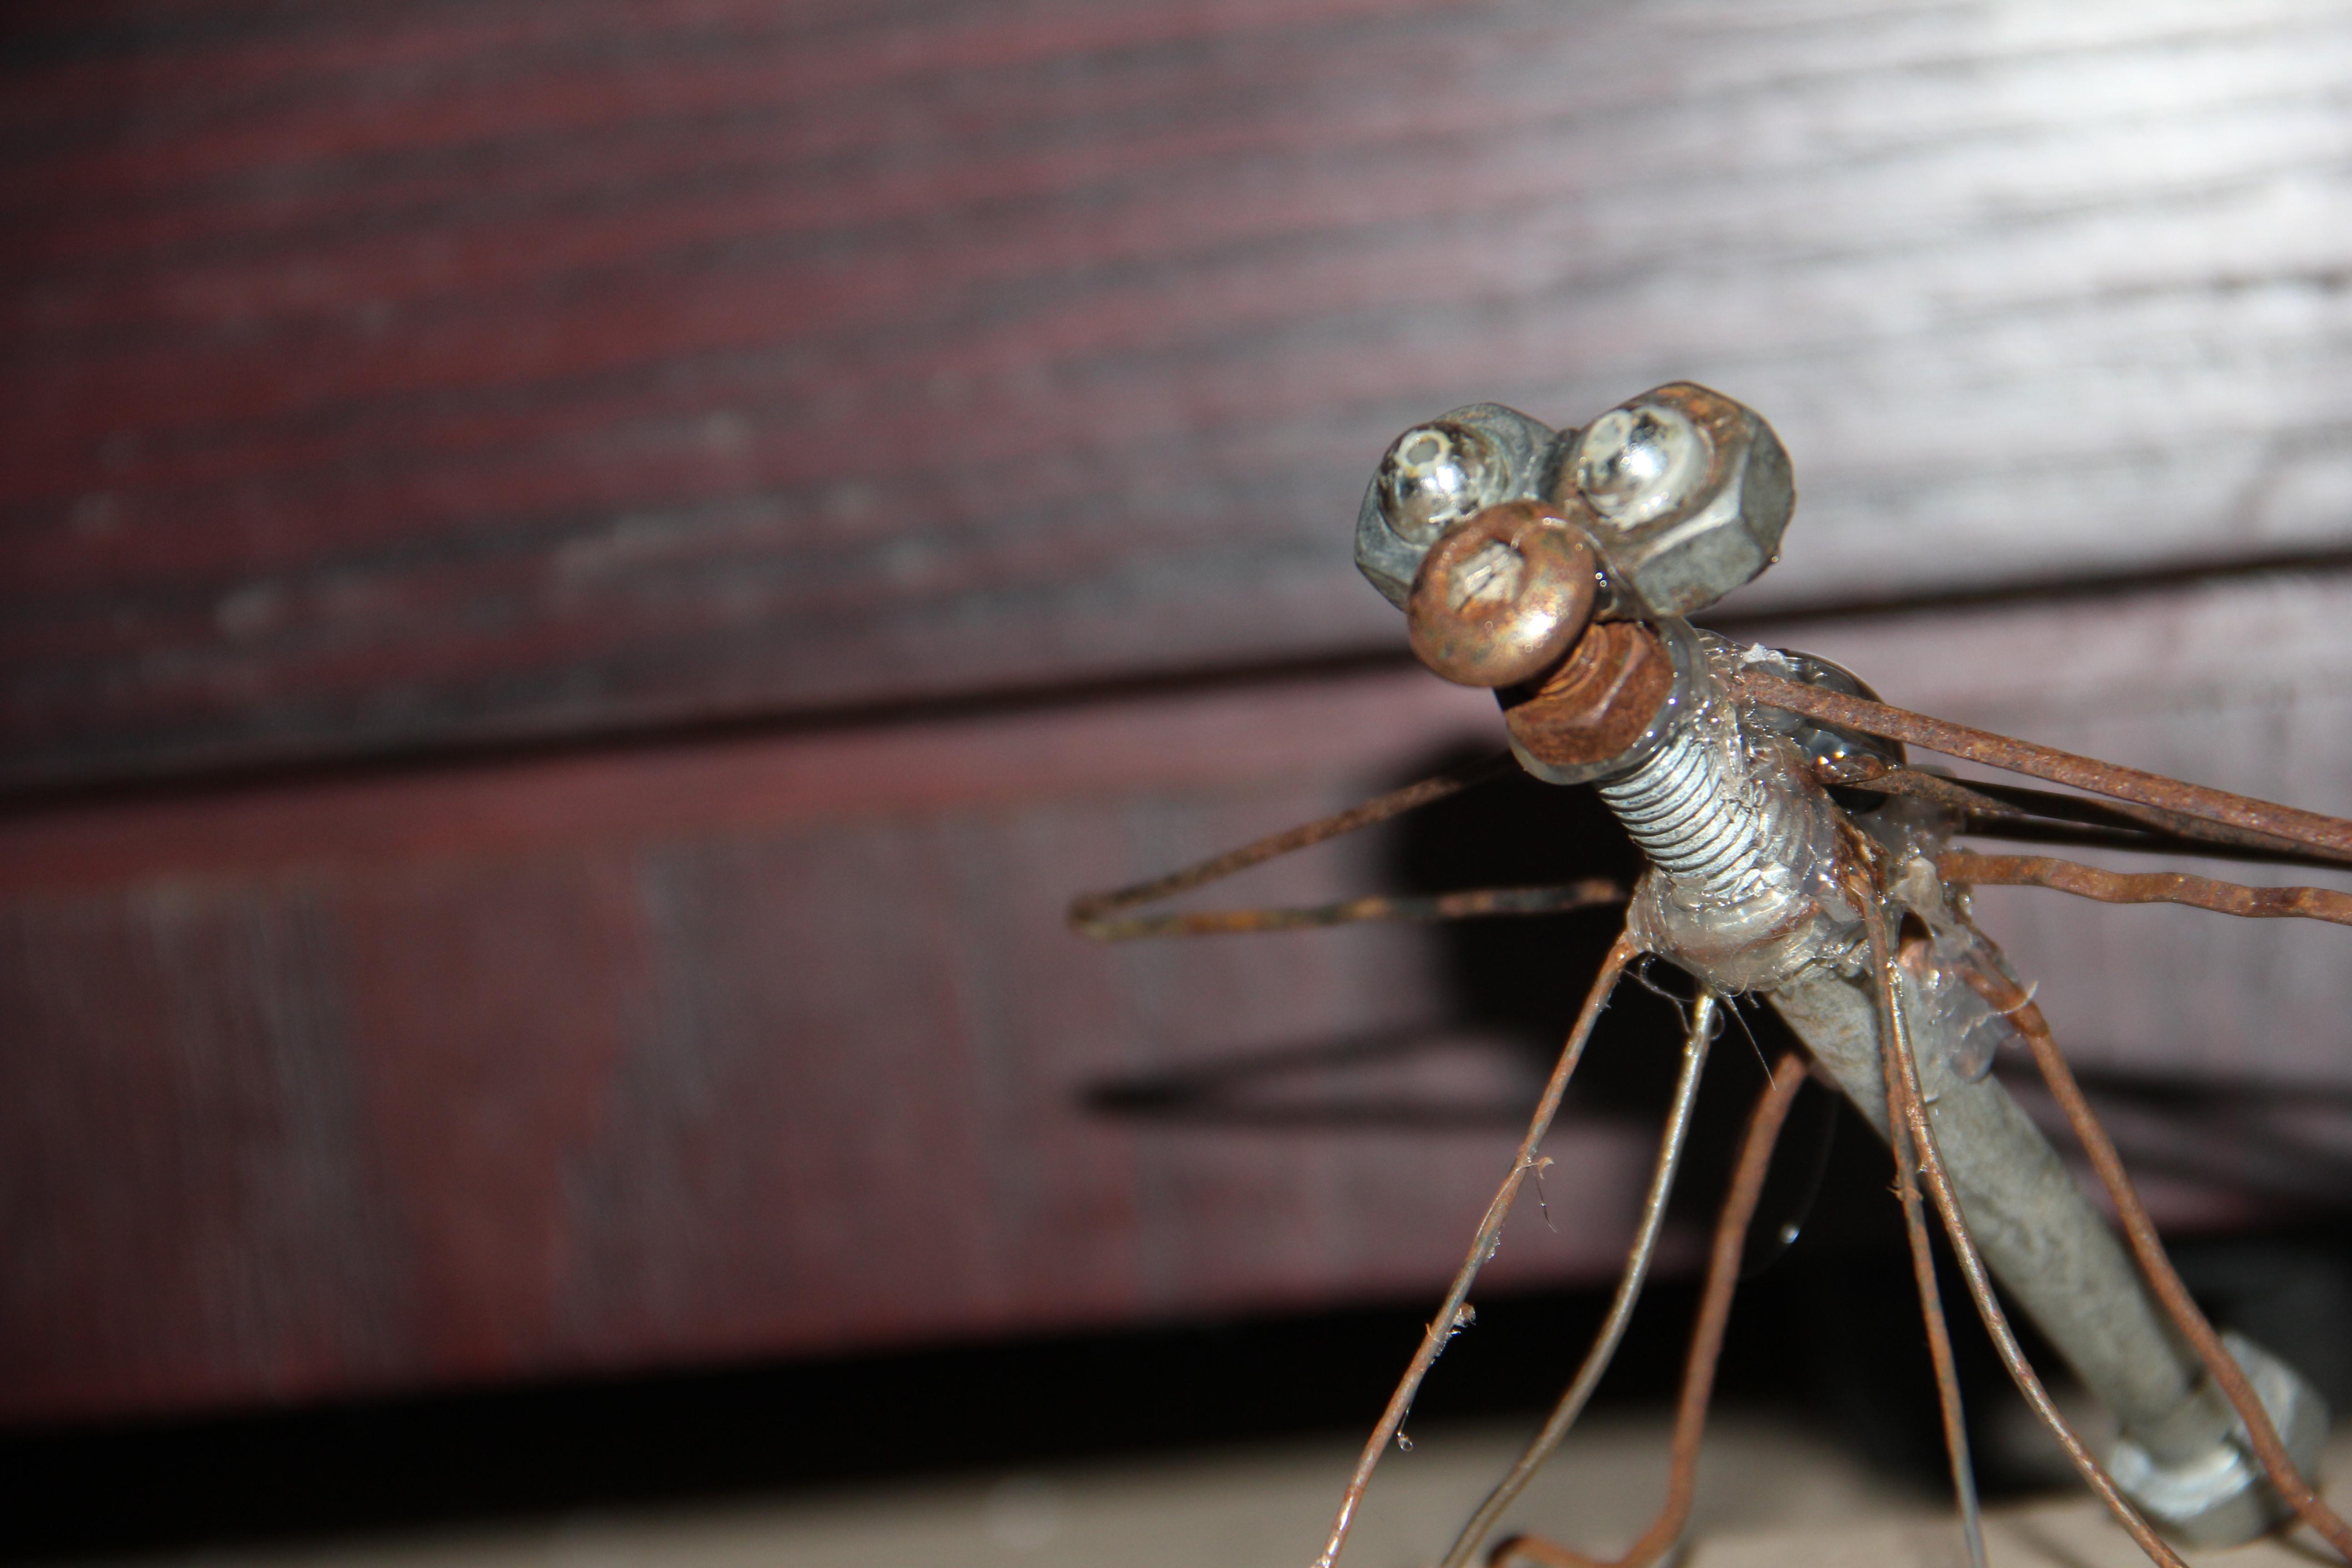 ~*NO WELDING OR SOLDERING*~ scrap metal dragonfly